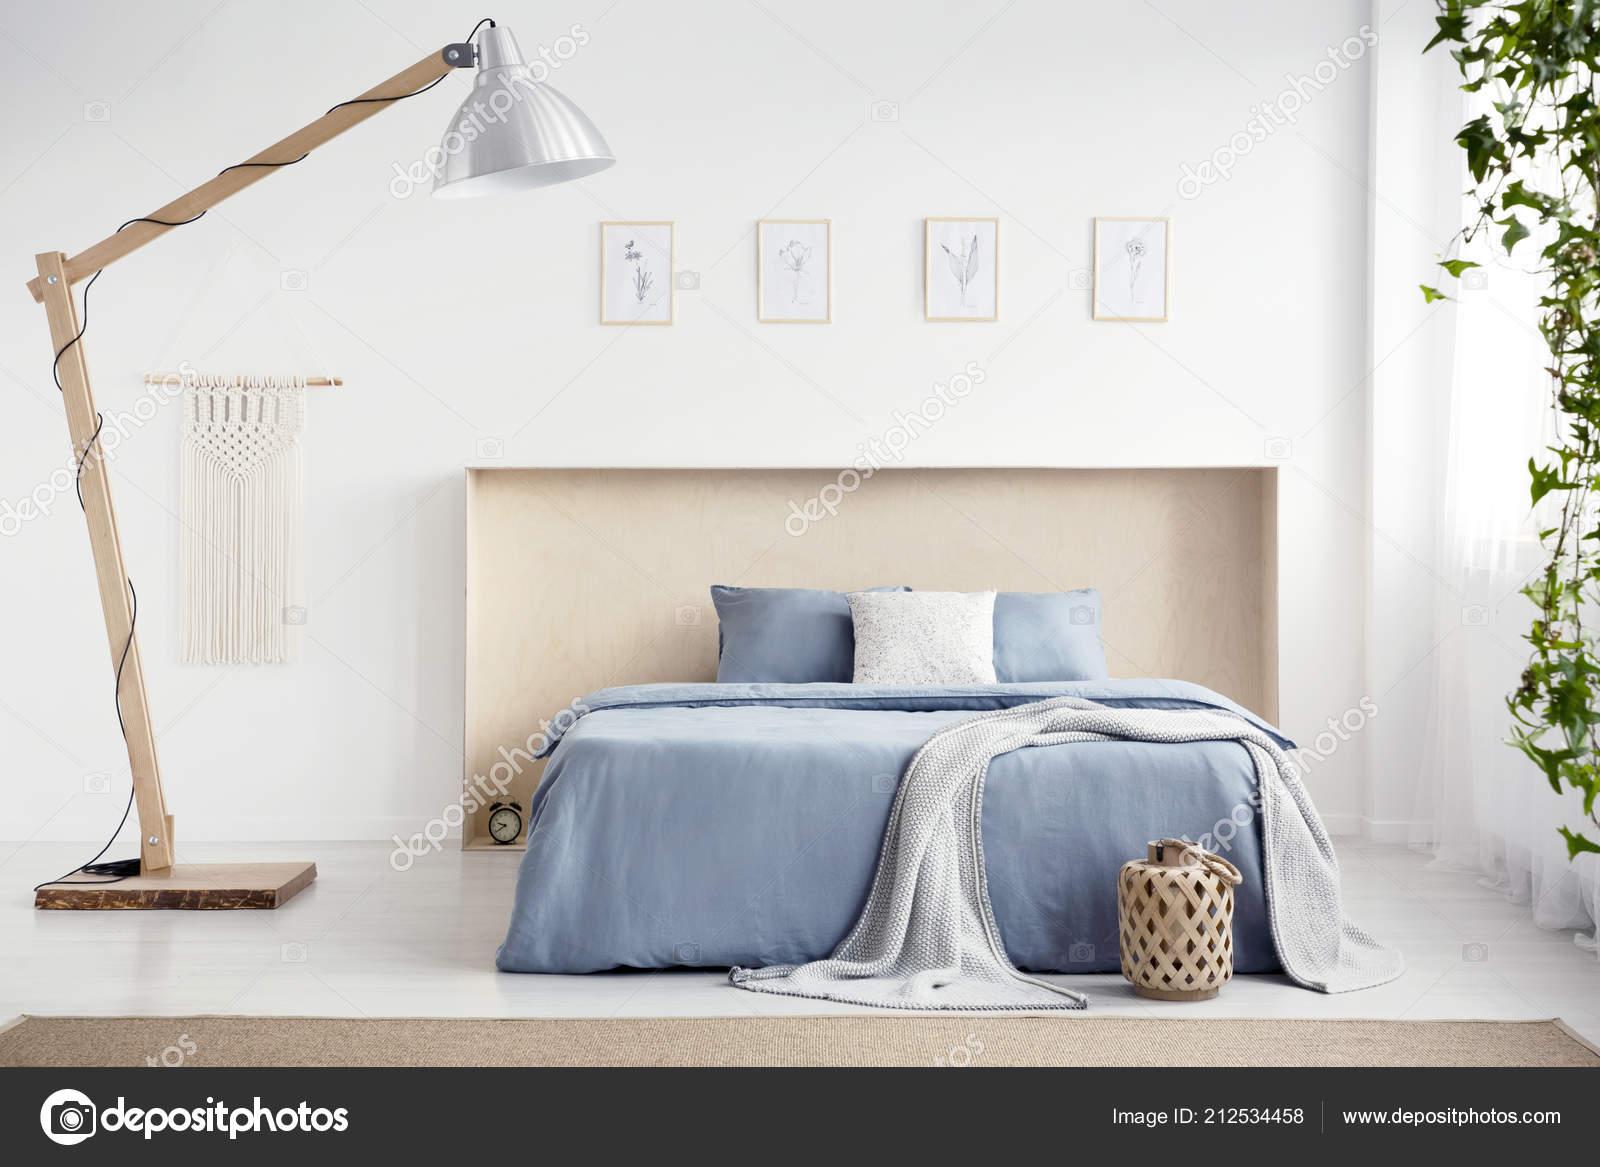 Hölzerne Lampe Neben Blauen Bett Mit Decke Innen Weiße ...